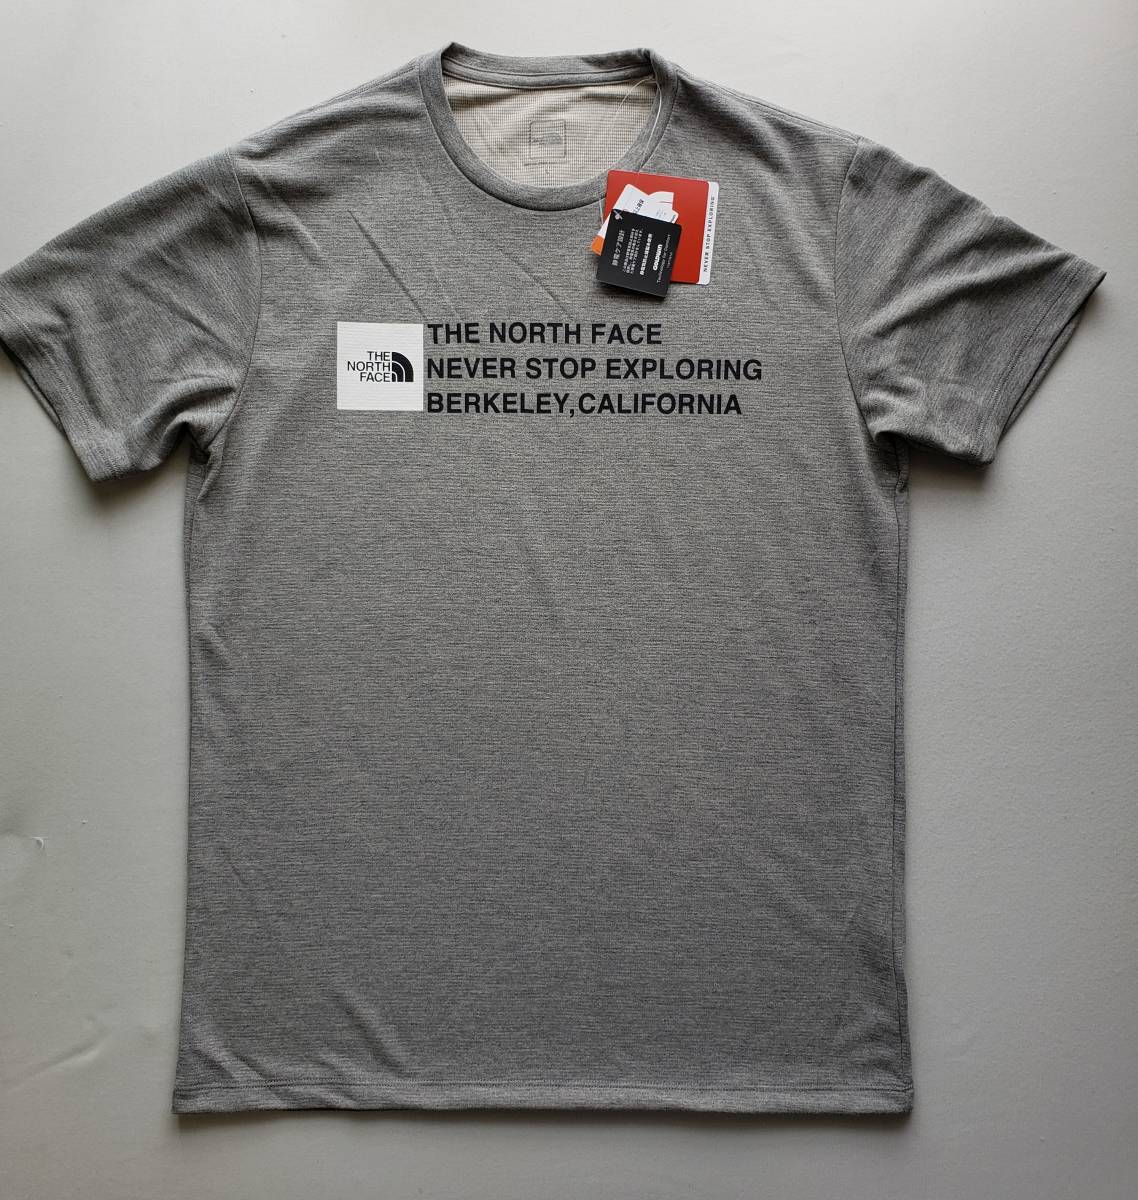 新品 国内正規品 ザ ノース フェイス THE NORTH FACE メンズ トレッキング 半袖Tシャツ SQUARE LOGO TEE ミックスグレー Mサイズ